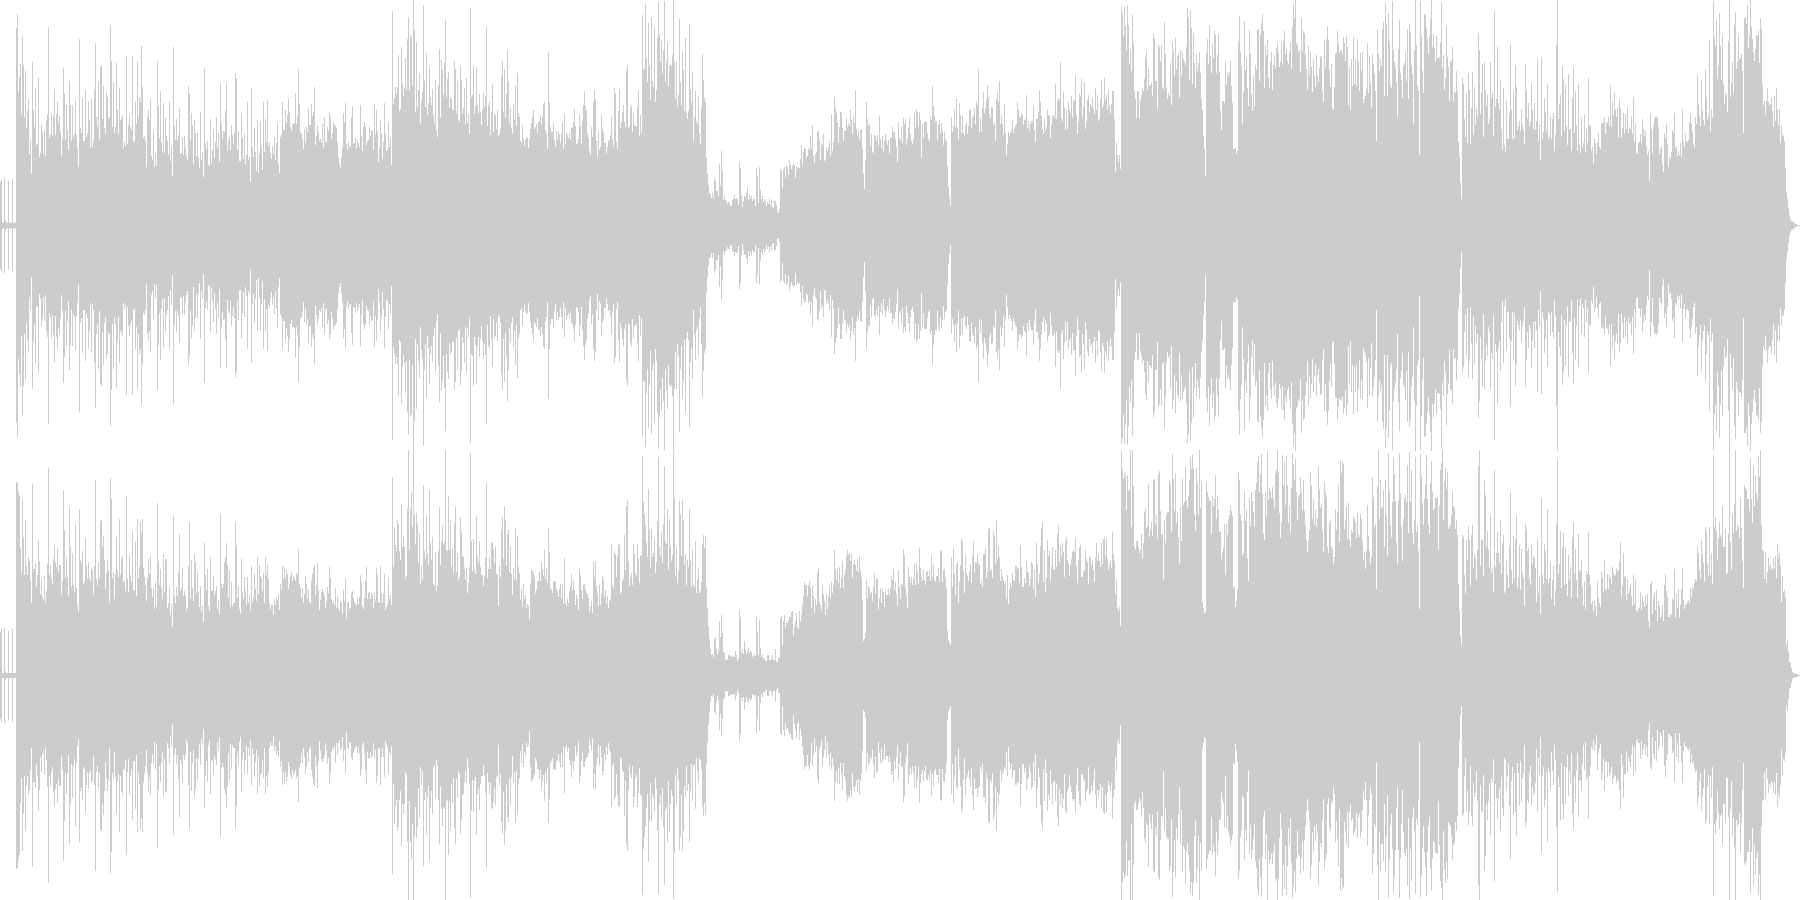 出陣のイメージの激しく壮大なオリジナル曲の未再生の波形